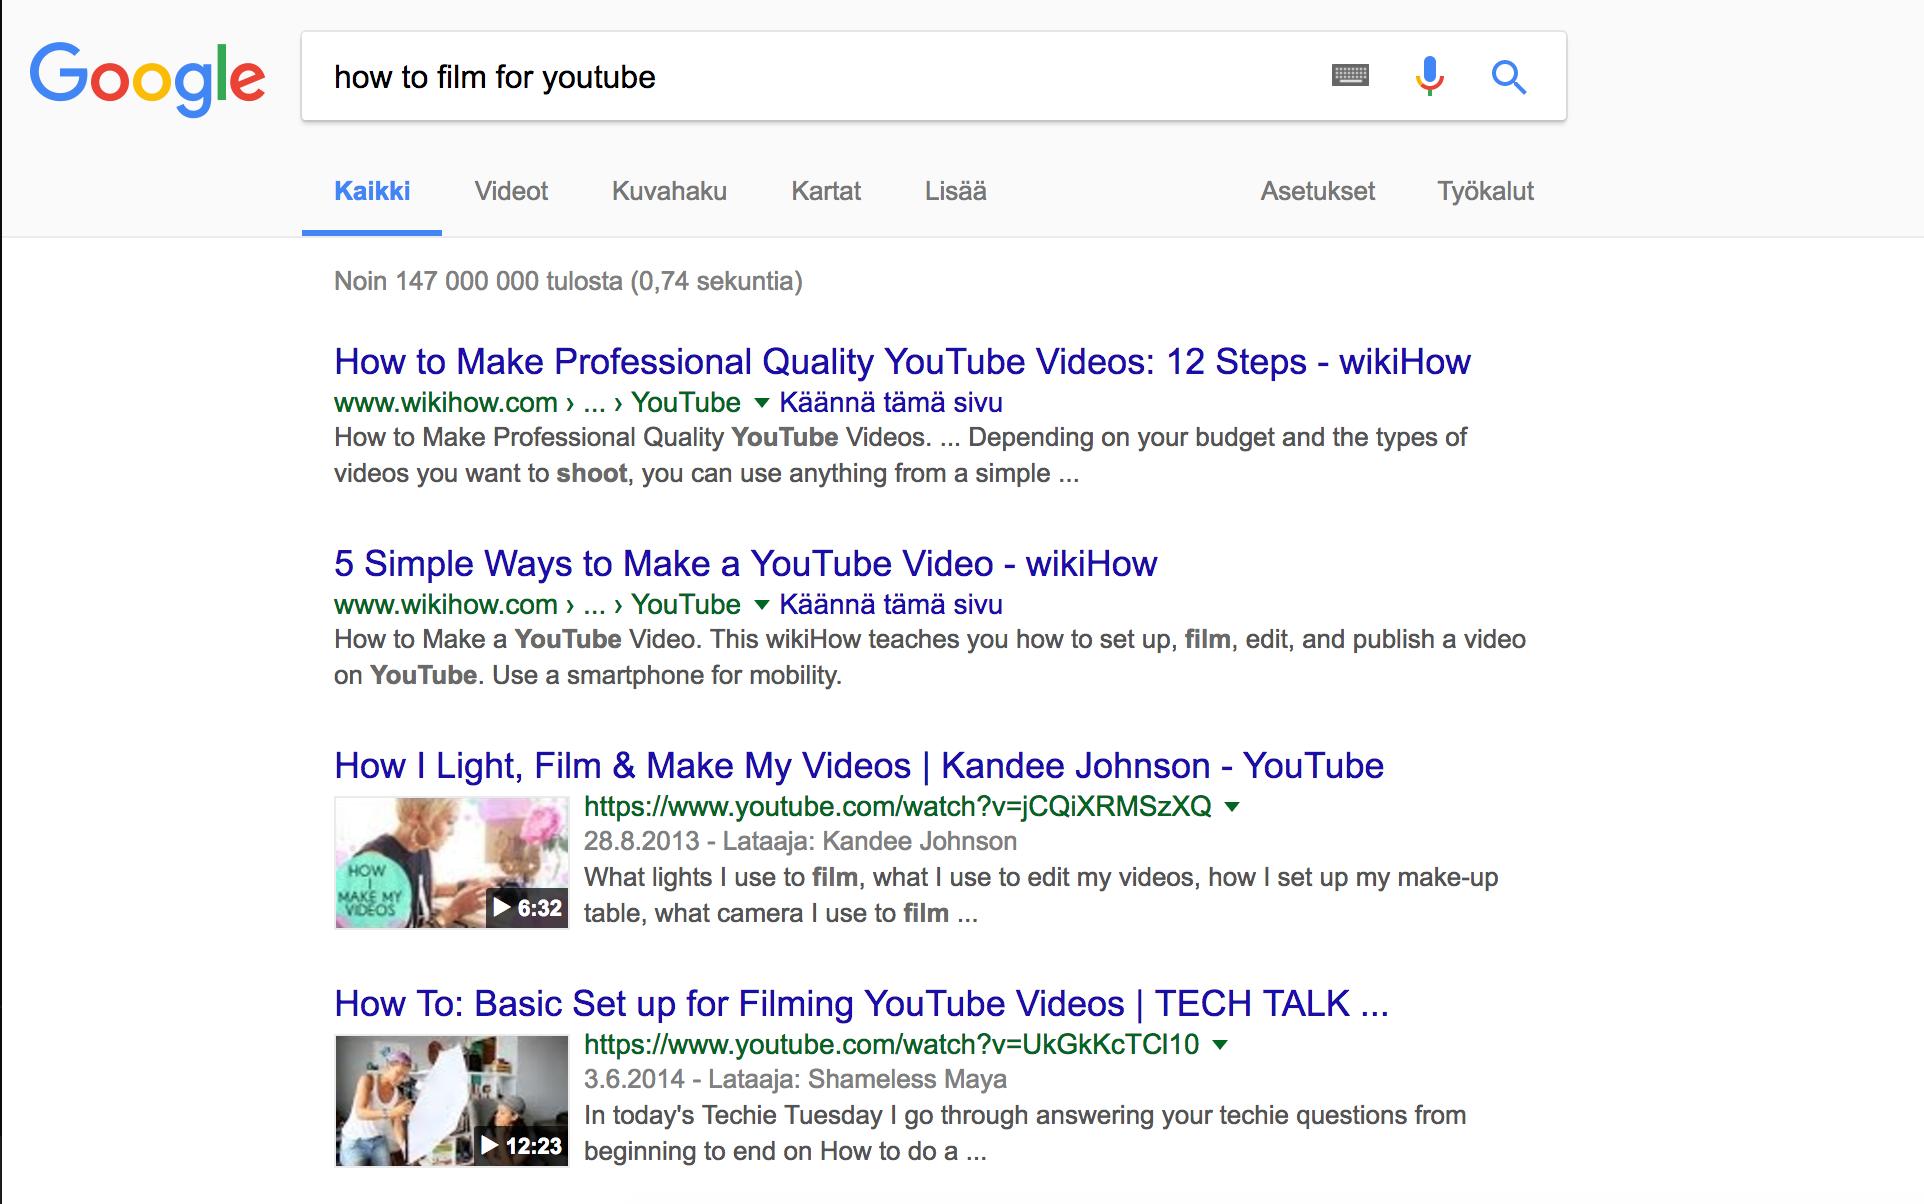 Tarkista näyttääkö Google videoita käyttämilläsi hakusanoilla.